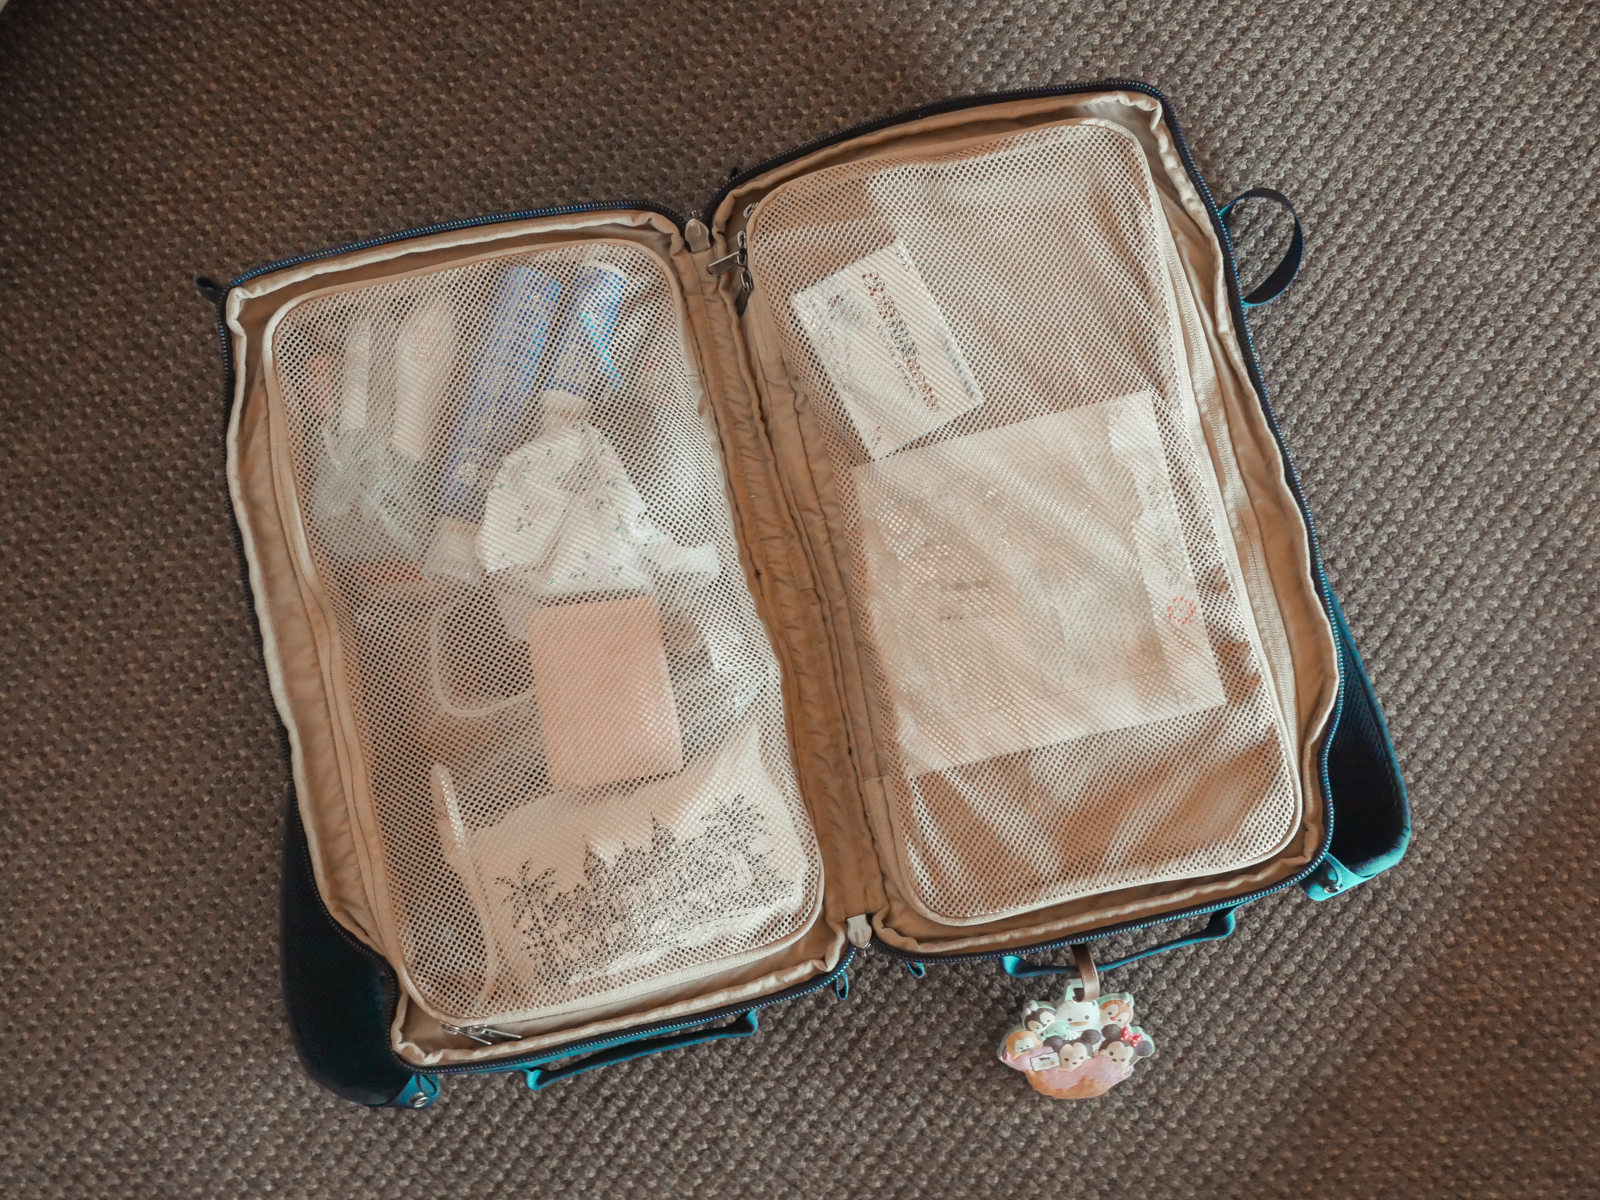 非洲旅遊行李打包清單 非洲獵遊行前準備